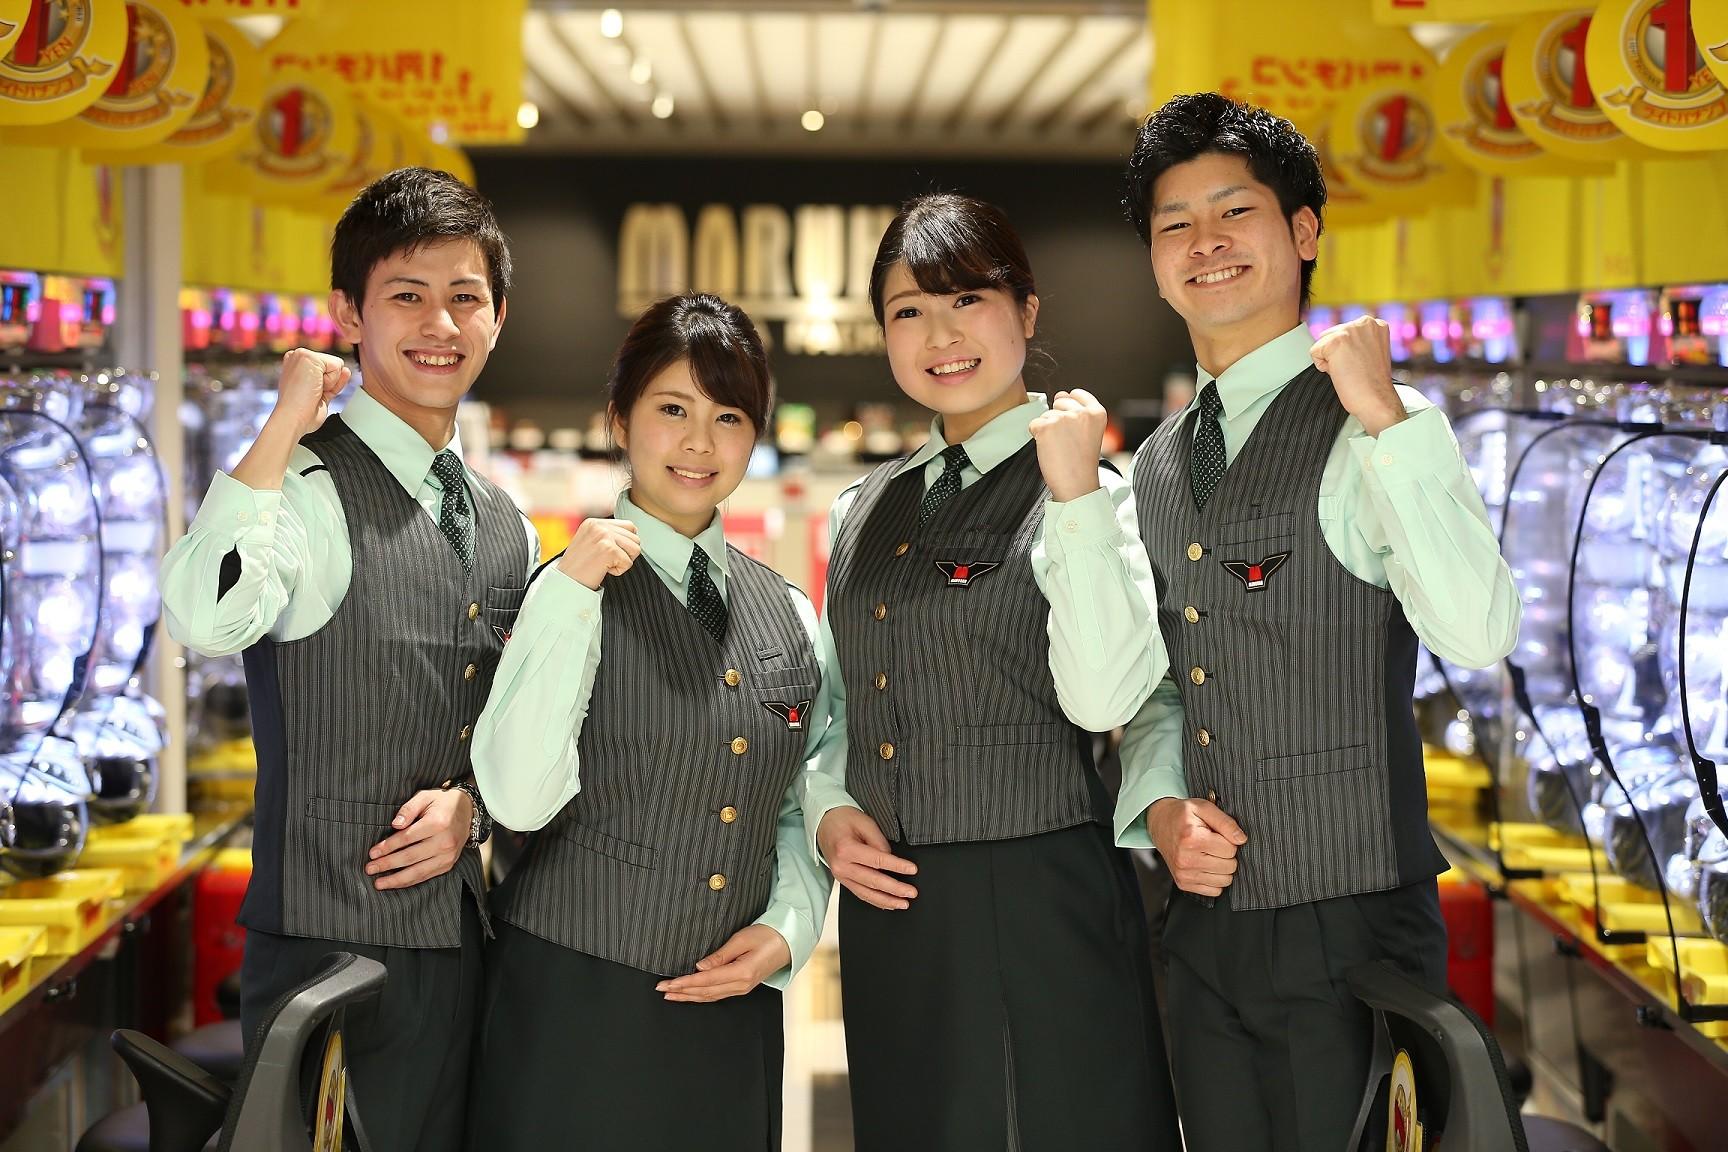 マルハン 浜松泉店[2125]のアルバイト情報